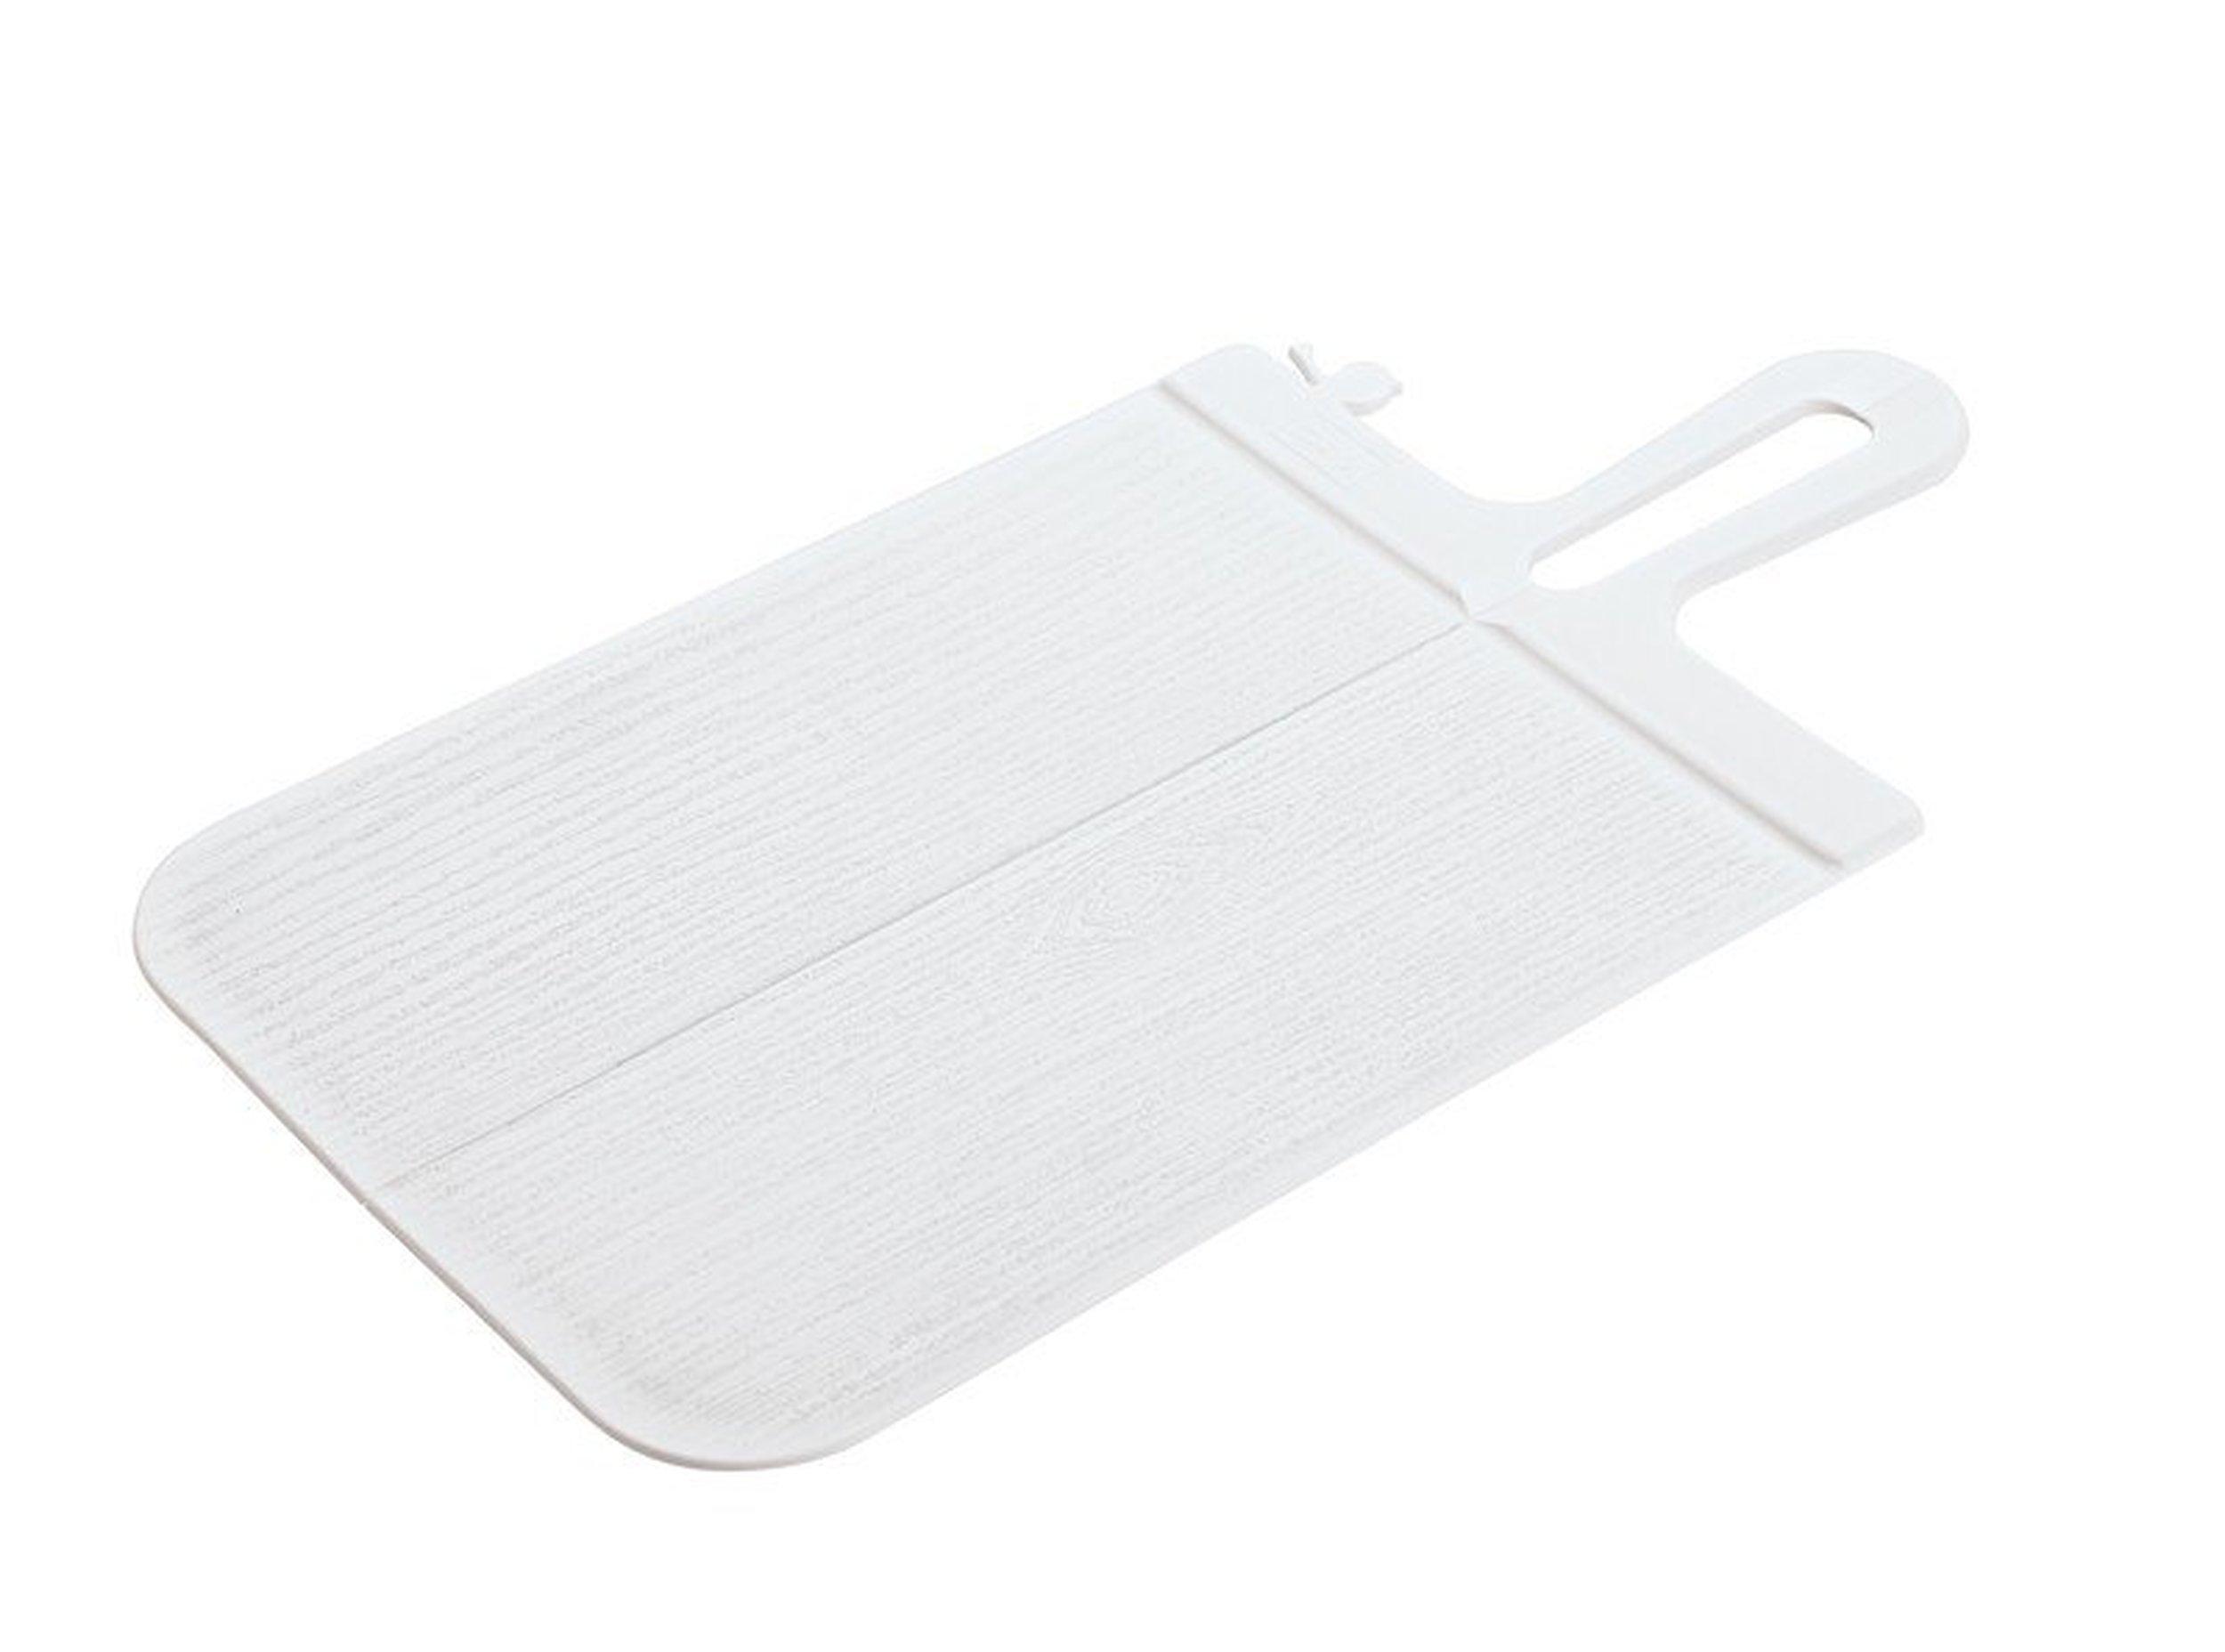 Deska do krojenia Snap XS biała